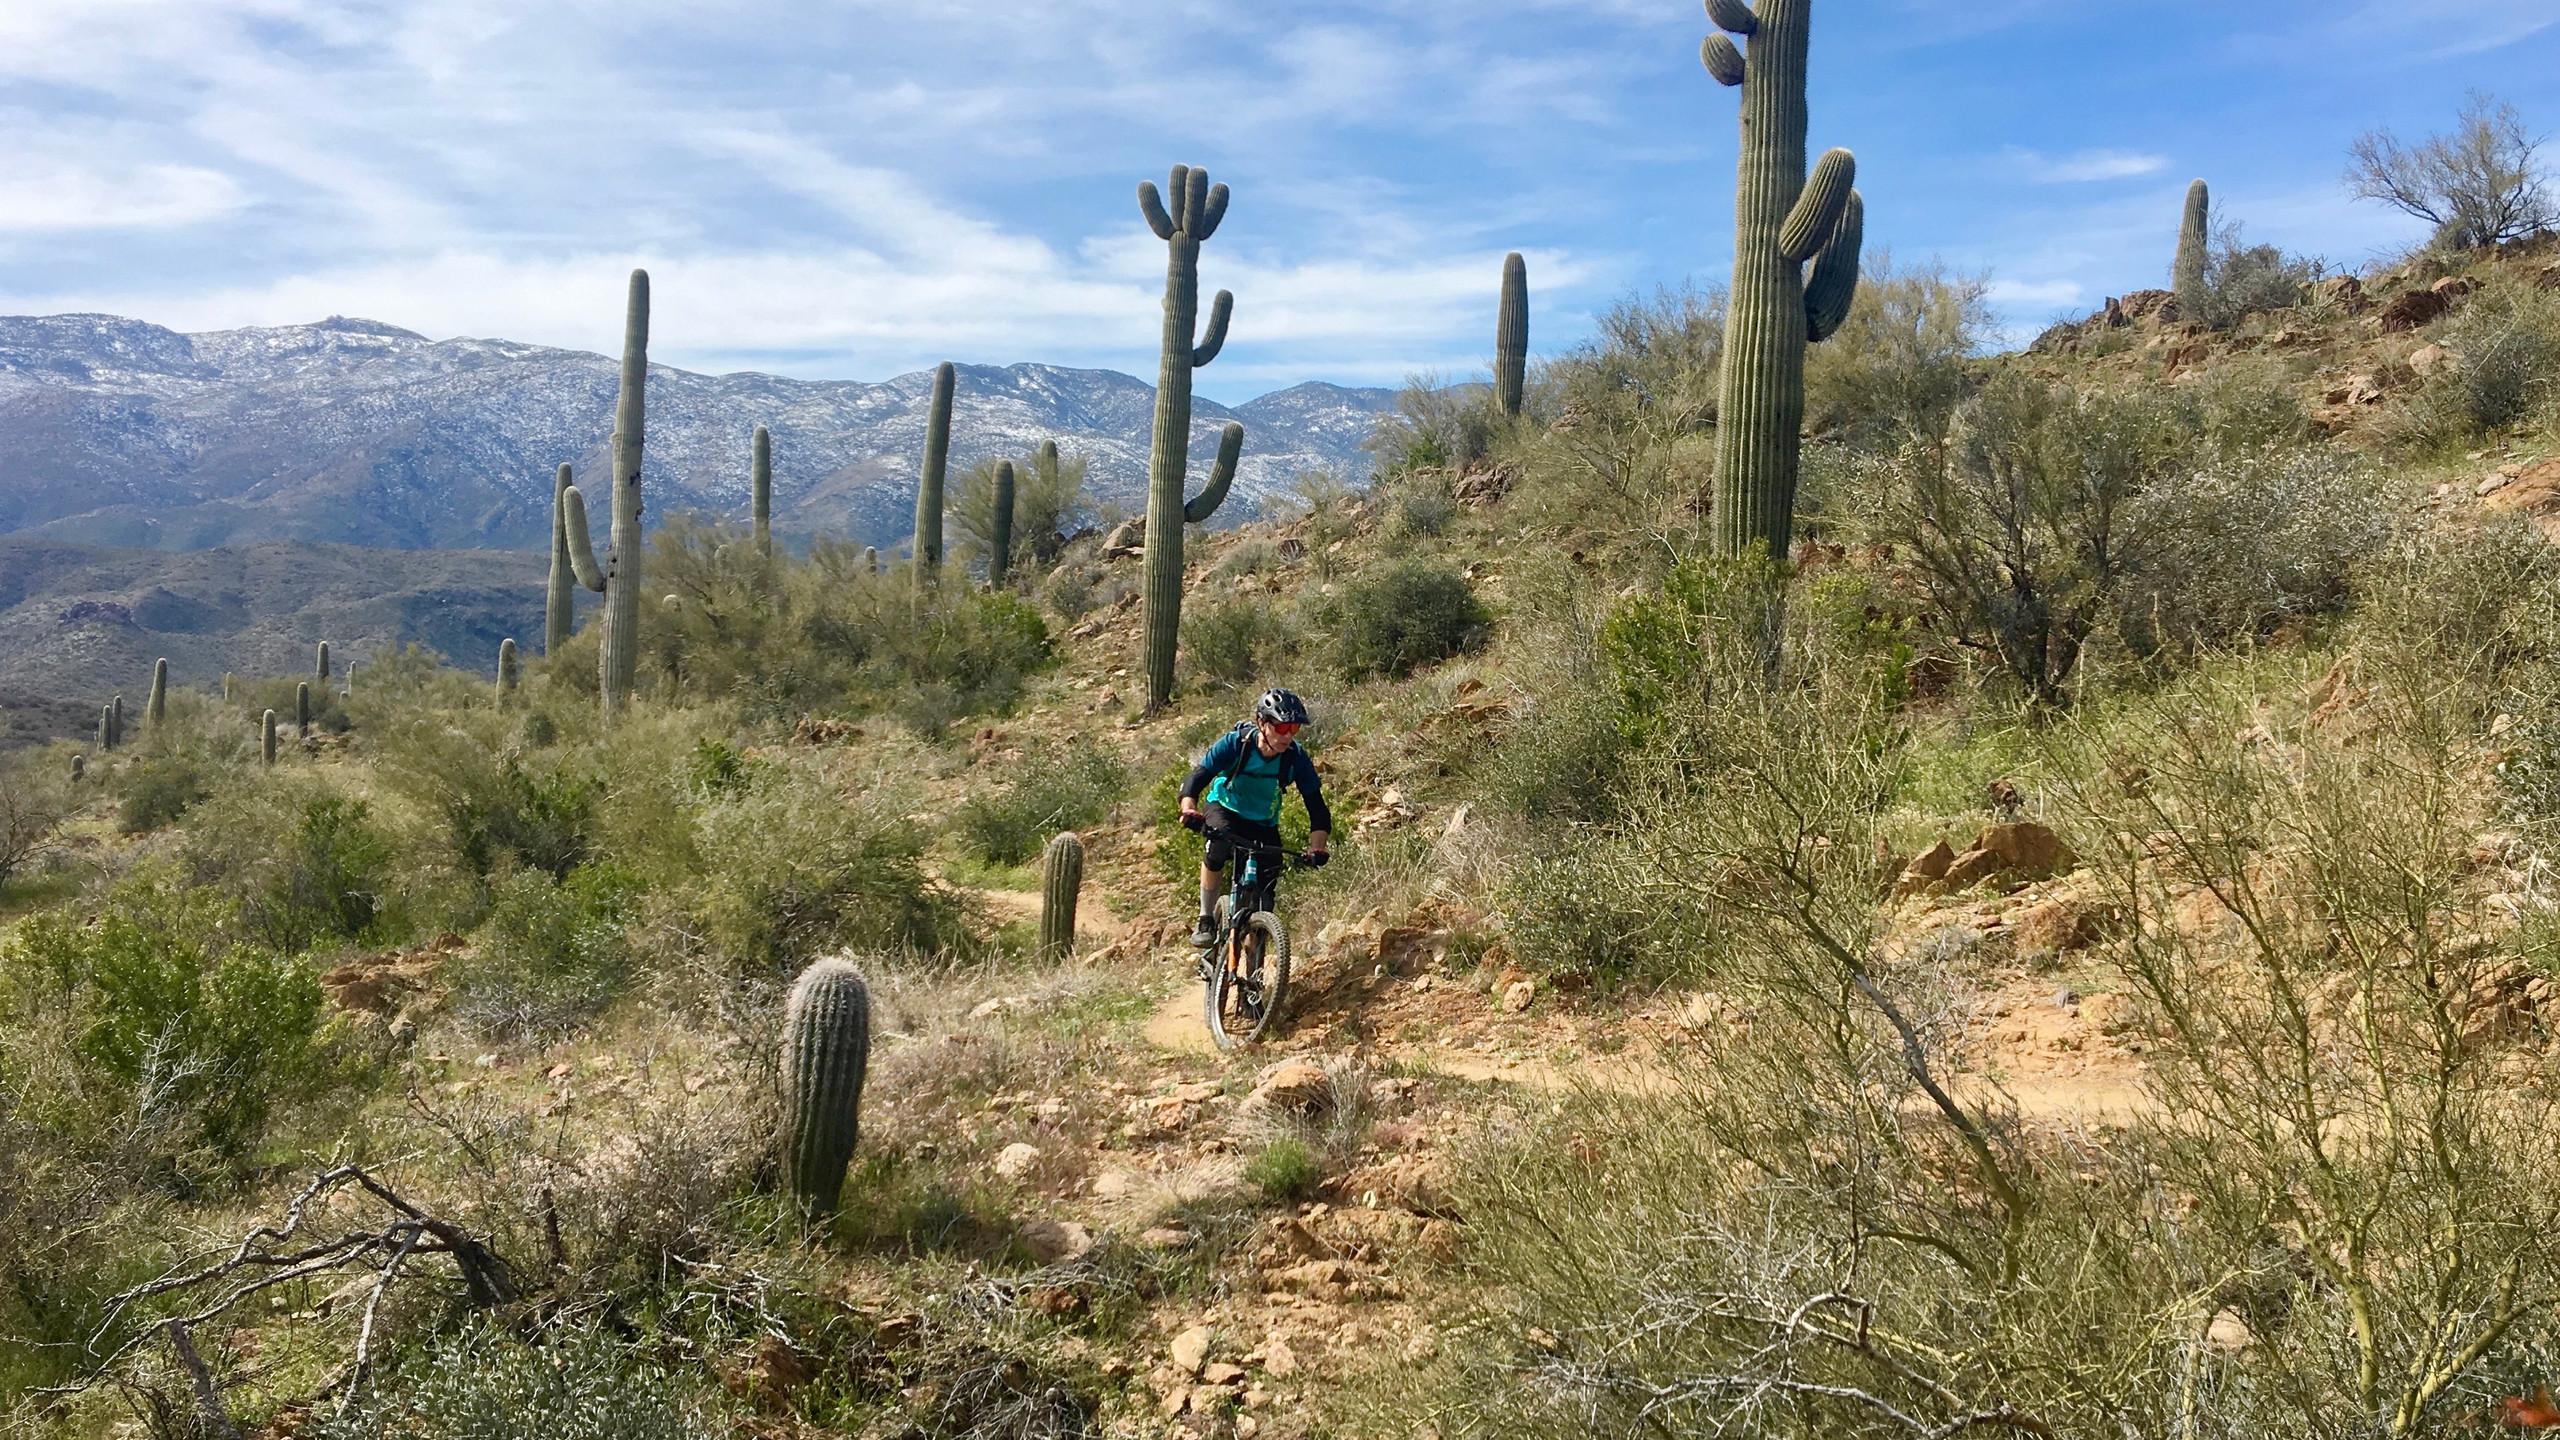 Riding amongst the saguaros